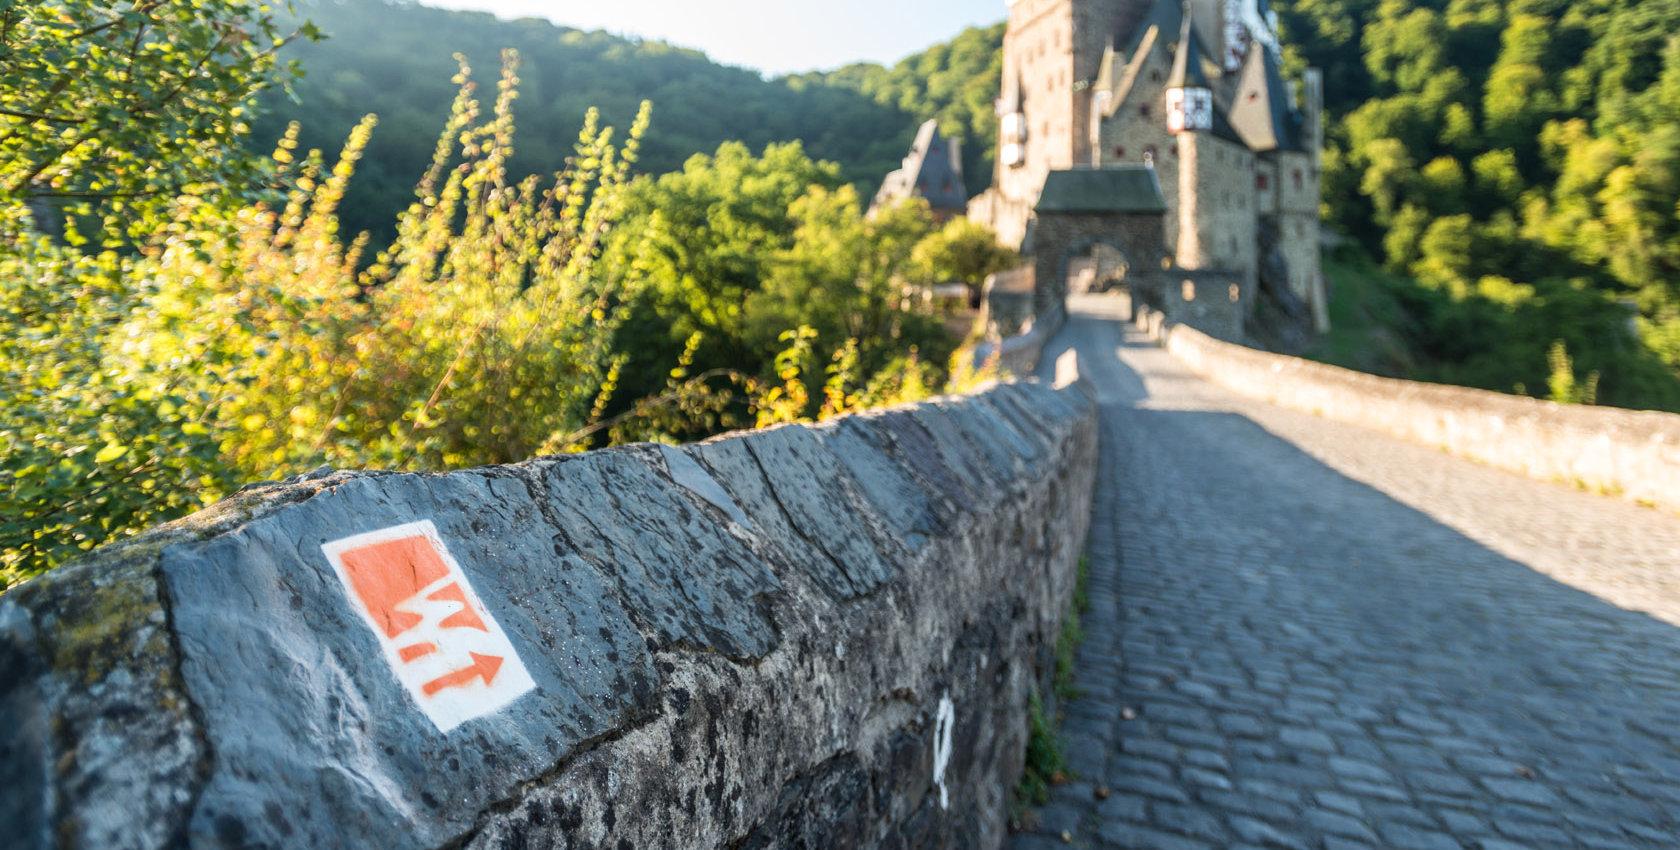 Burg Eltz am Traumpfad Eltzer Burgpanorama, Eifel